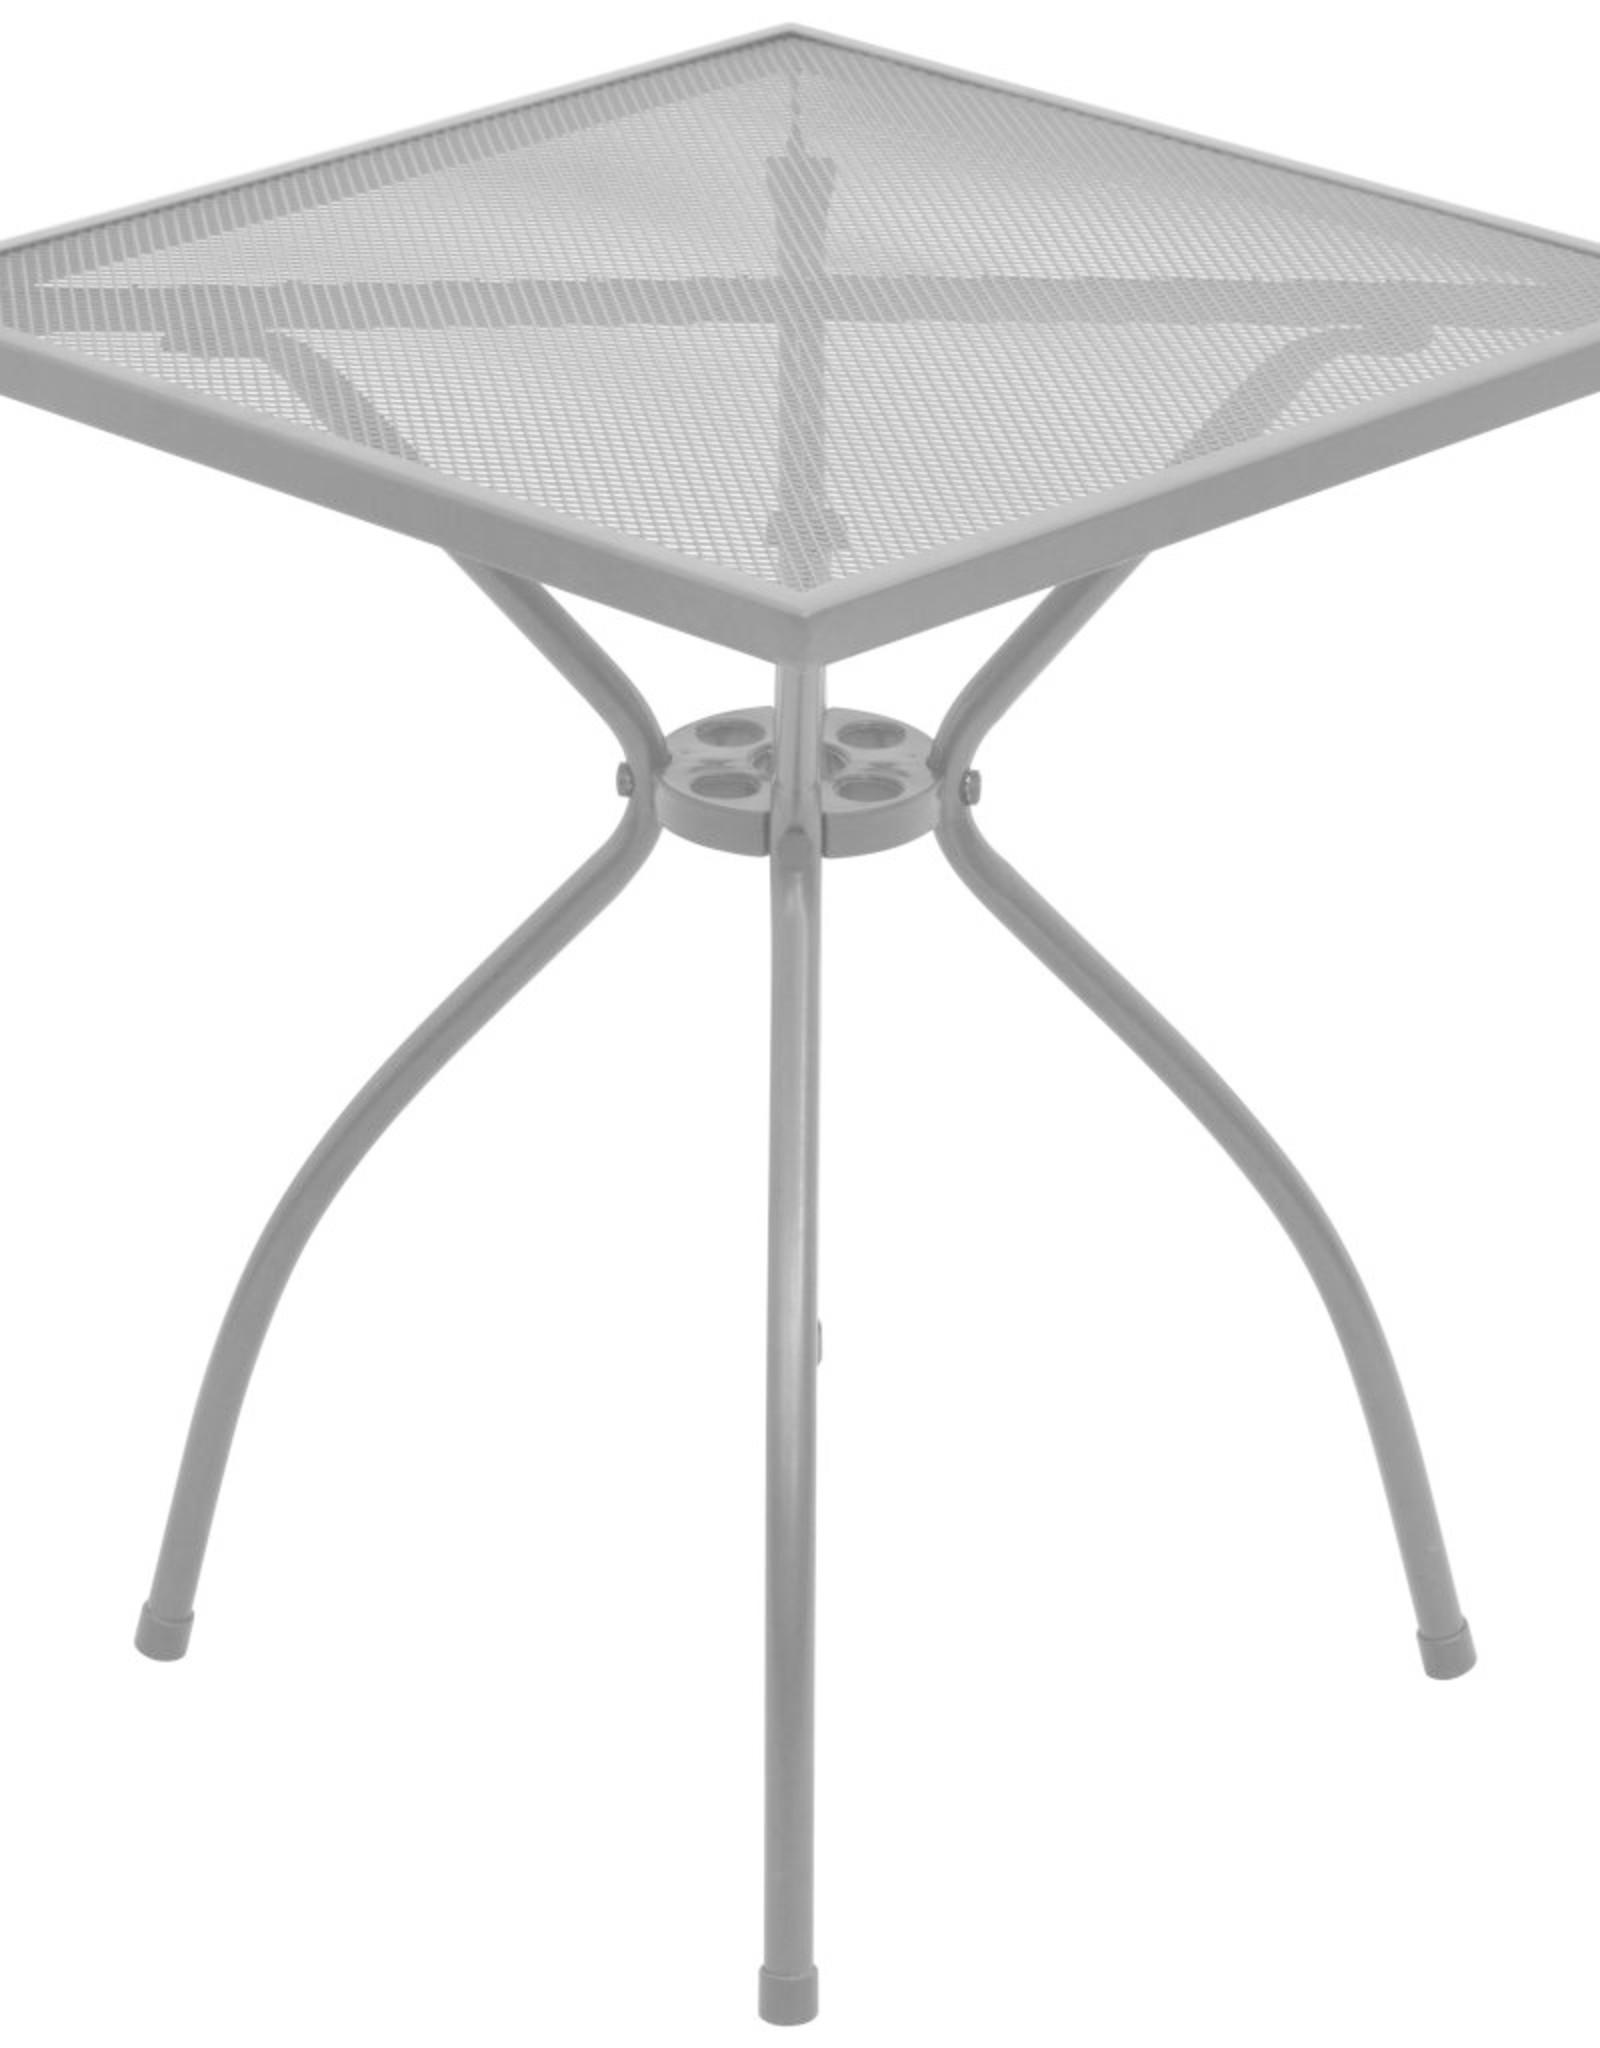 3-delige Bistroset met kussens staal antraciet